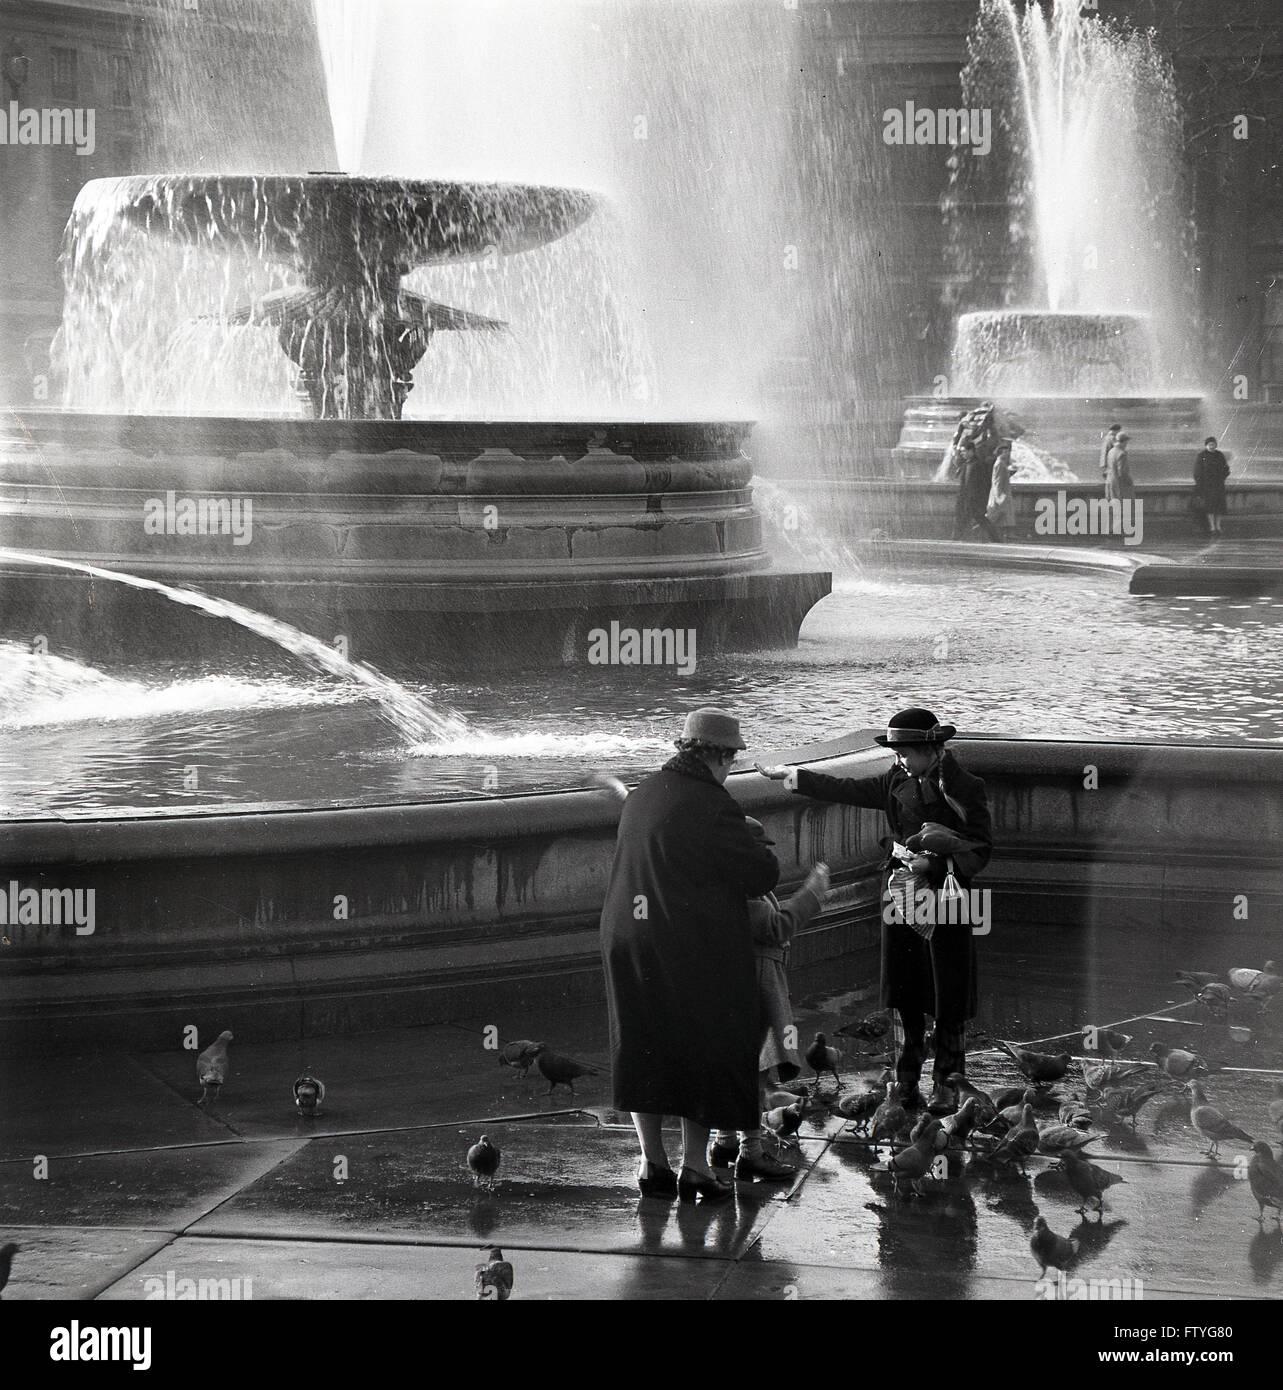 Anni Cinquanta storiche, nonna con grand bambini alimentando i piccioni da fontane a Trafalgar Square a Londra. Immagini Stock